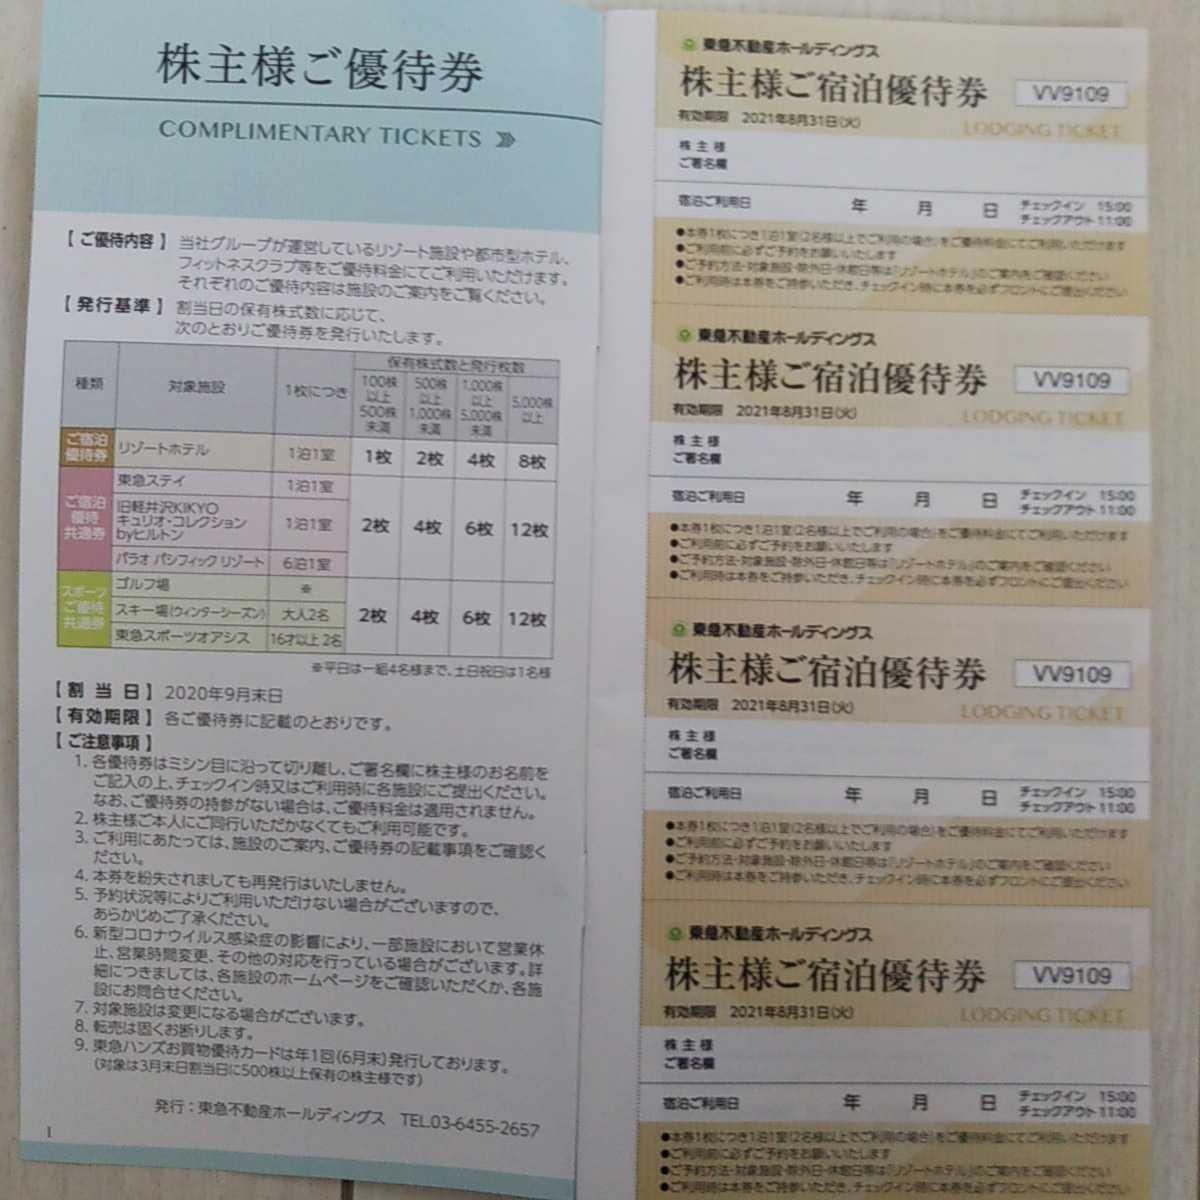 東急不動産ホールディングス 株主優待券16枚_画像2